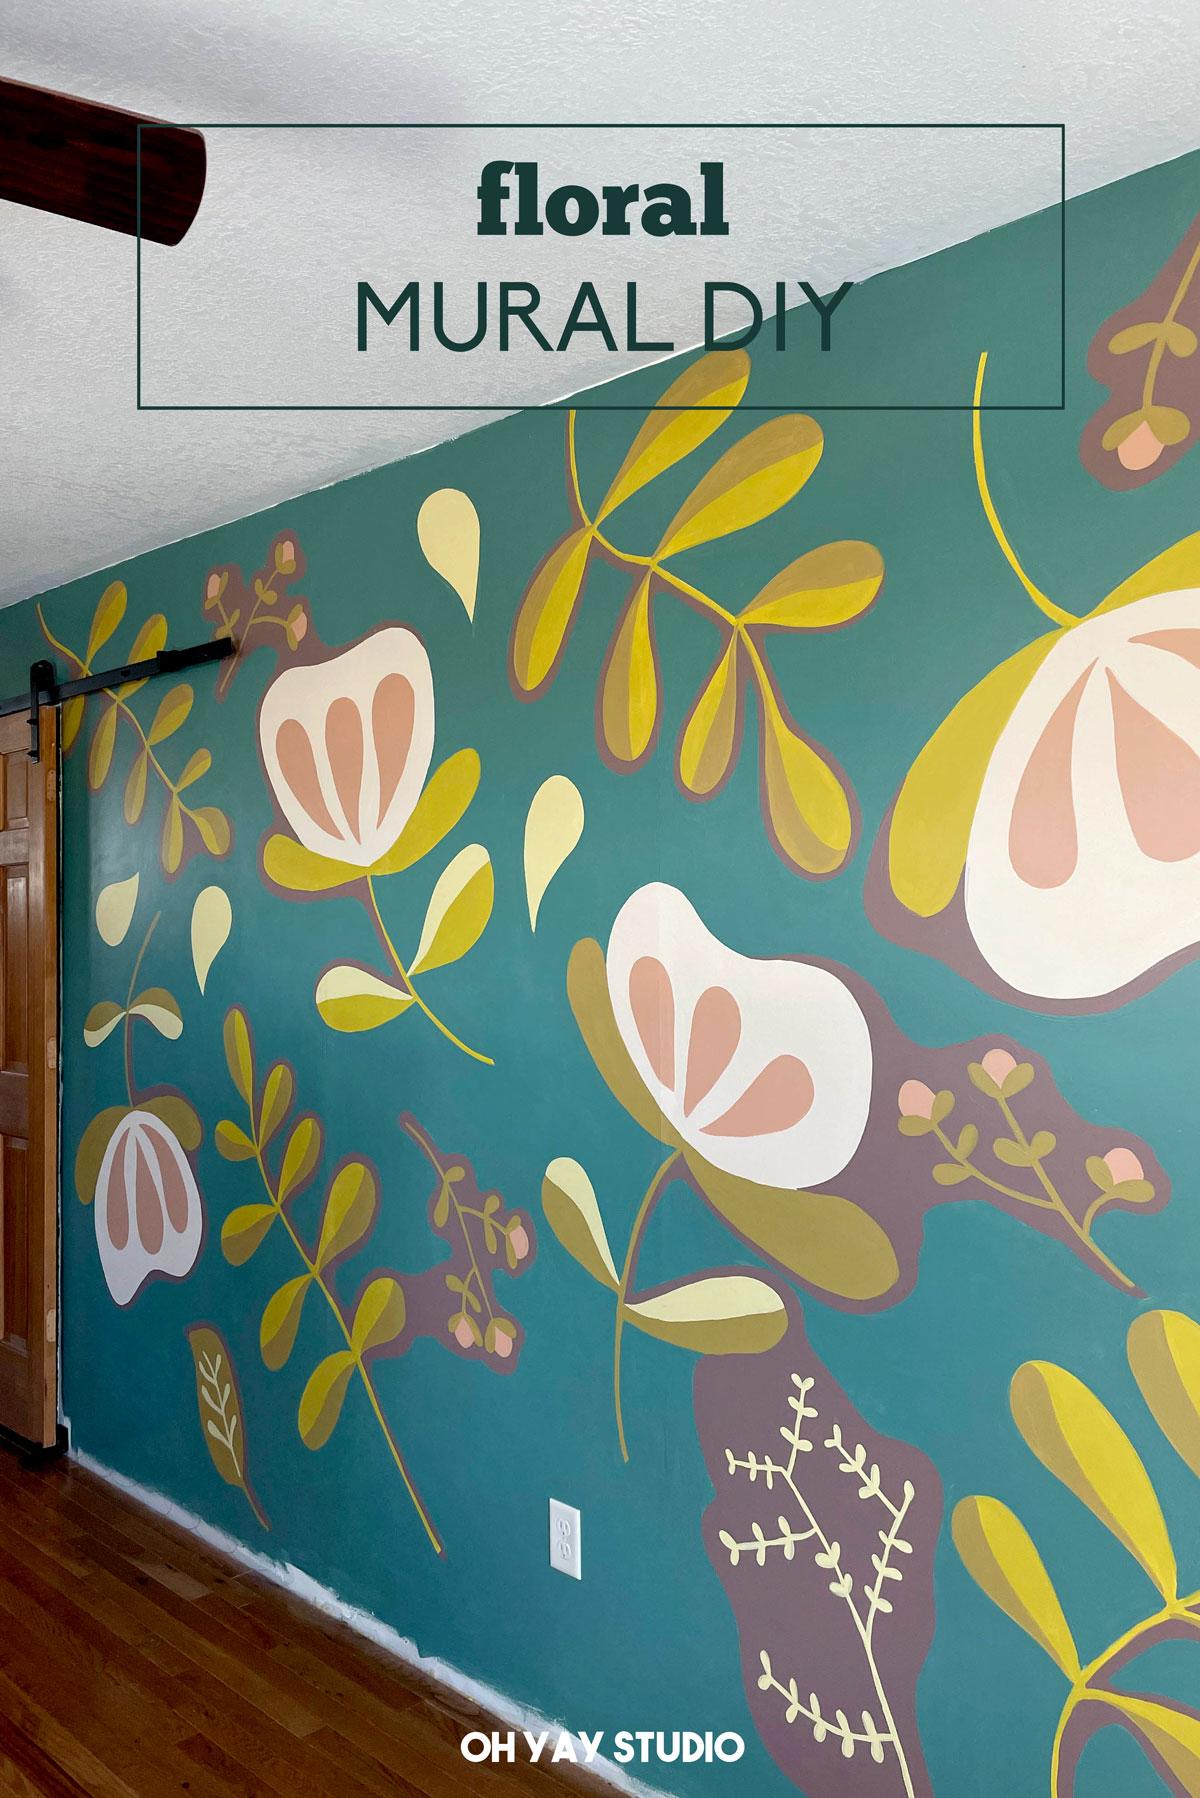 Floral playroom mural, Home mural, Floral painting, flower mural, flower mural DIY